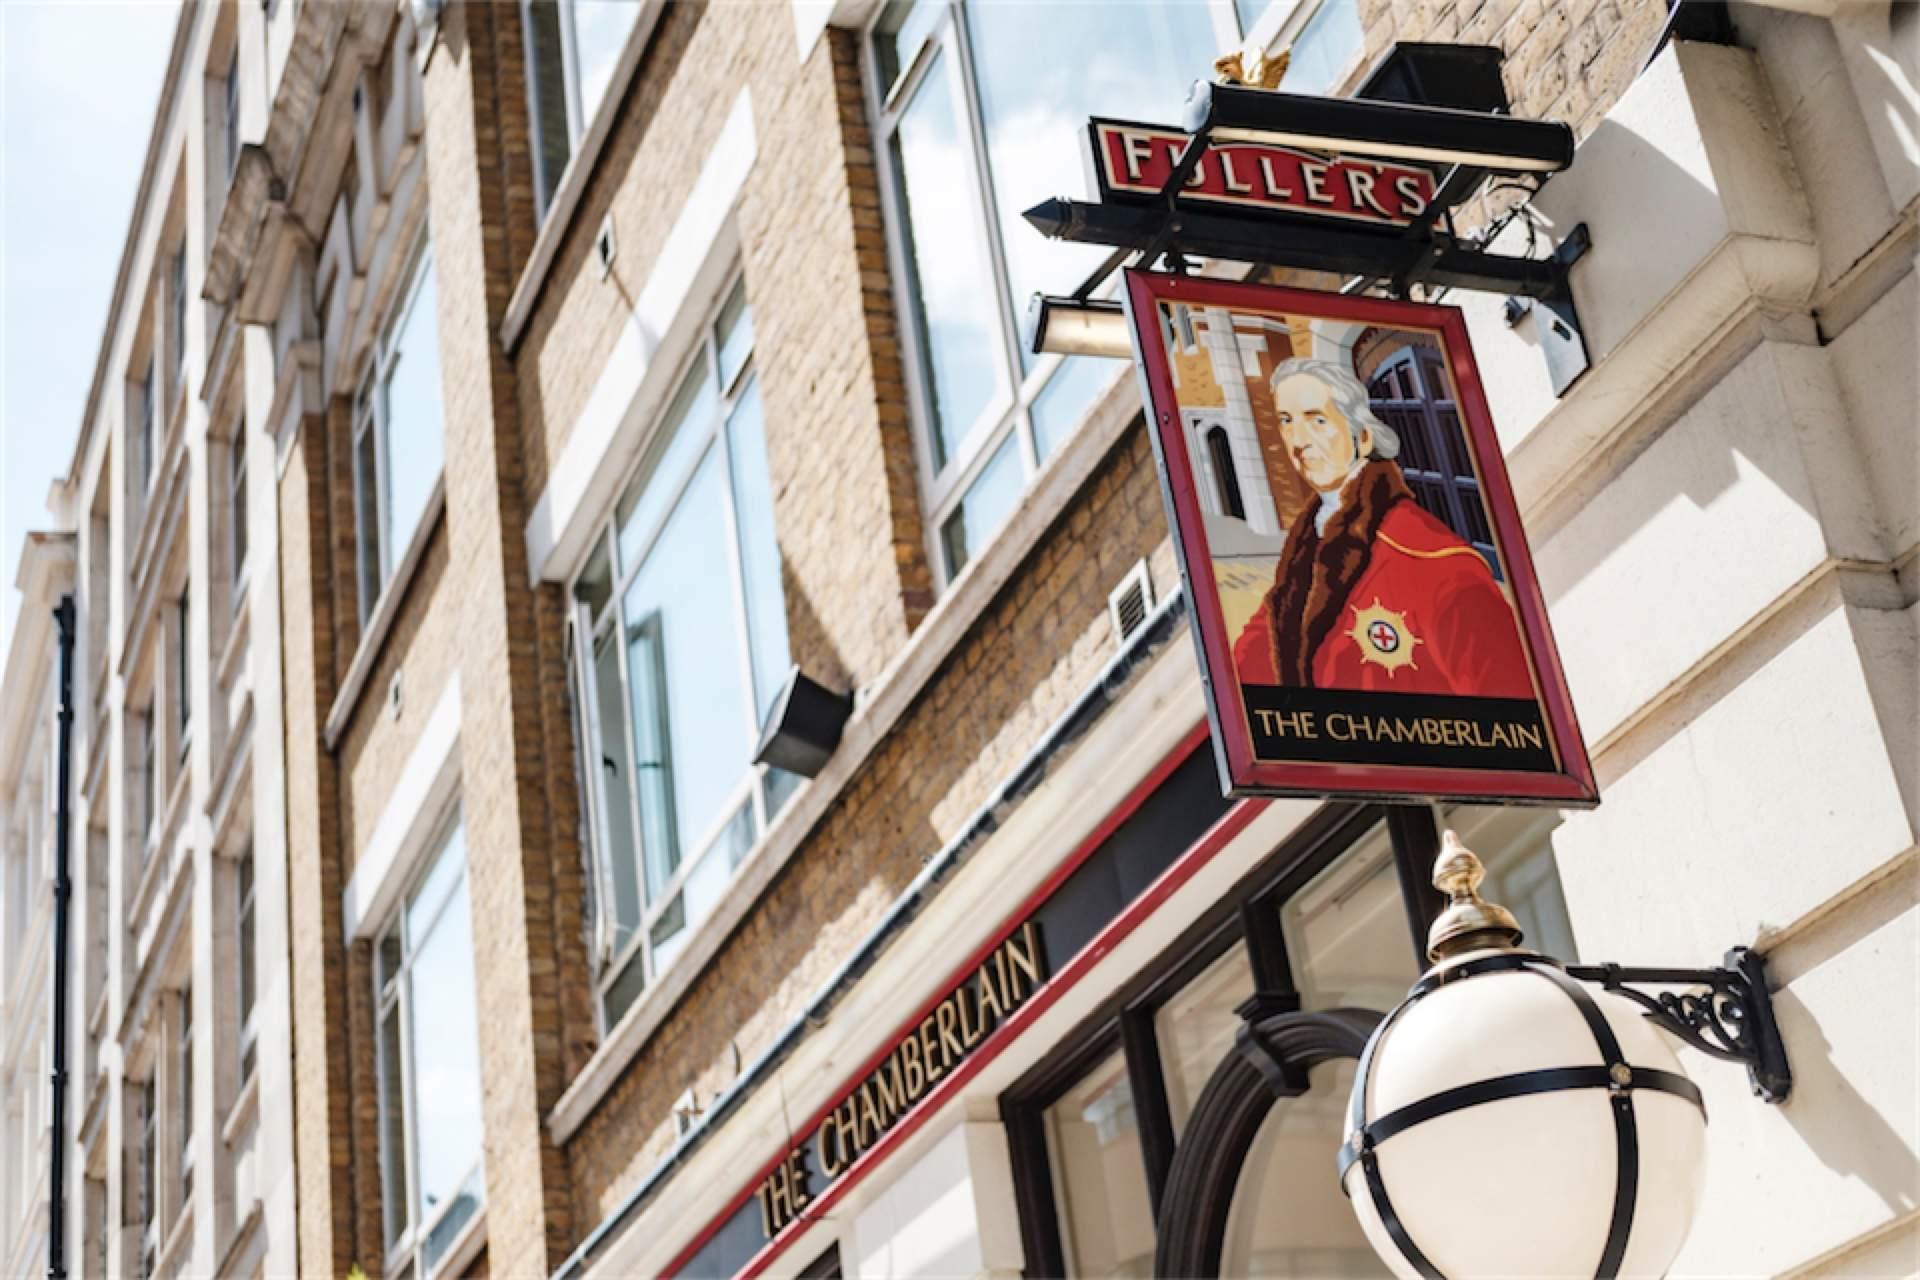 Chamberlain Hotel in London Sign